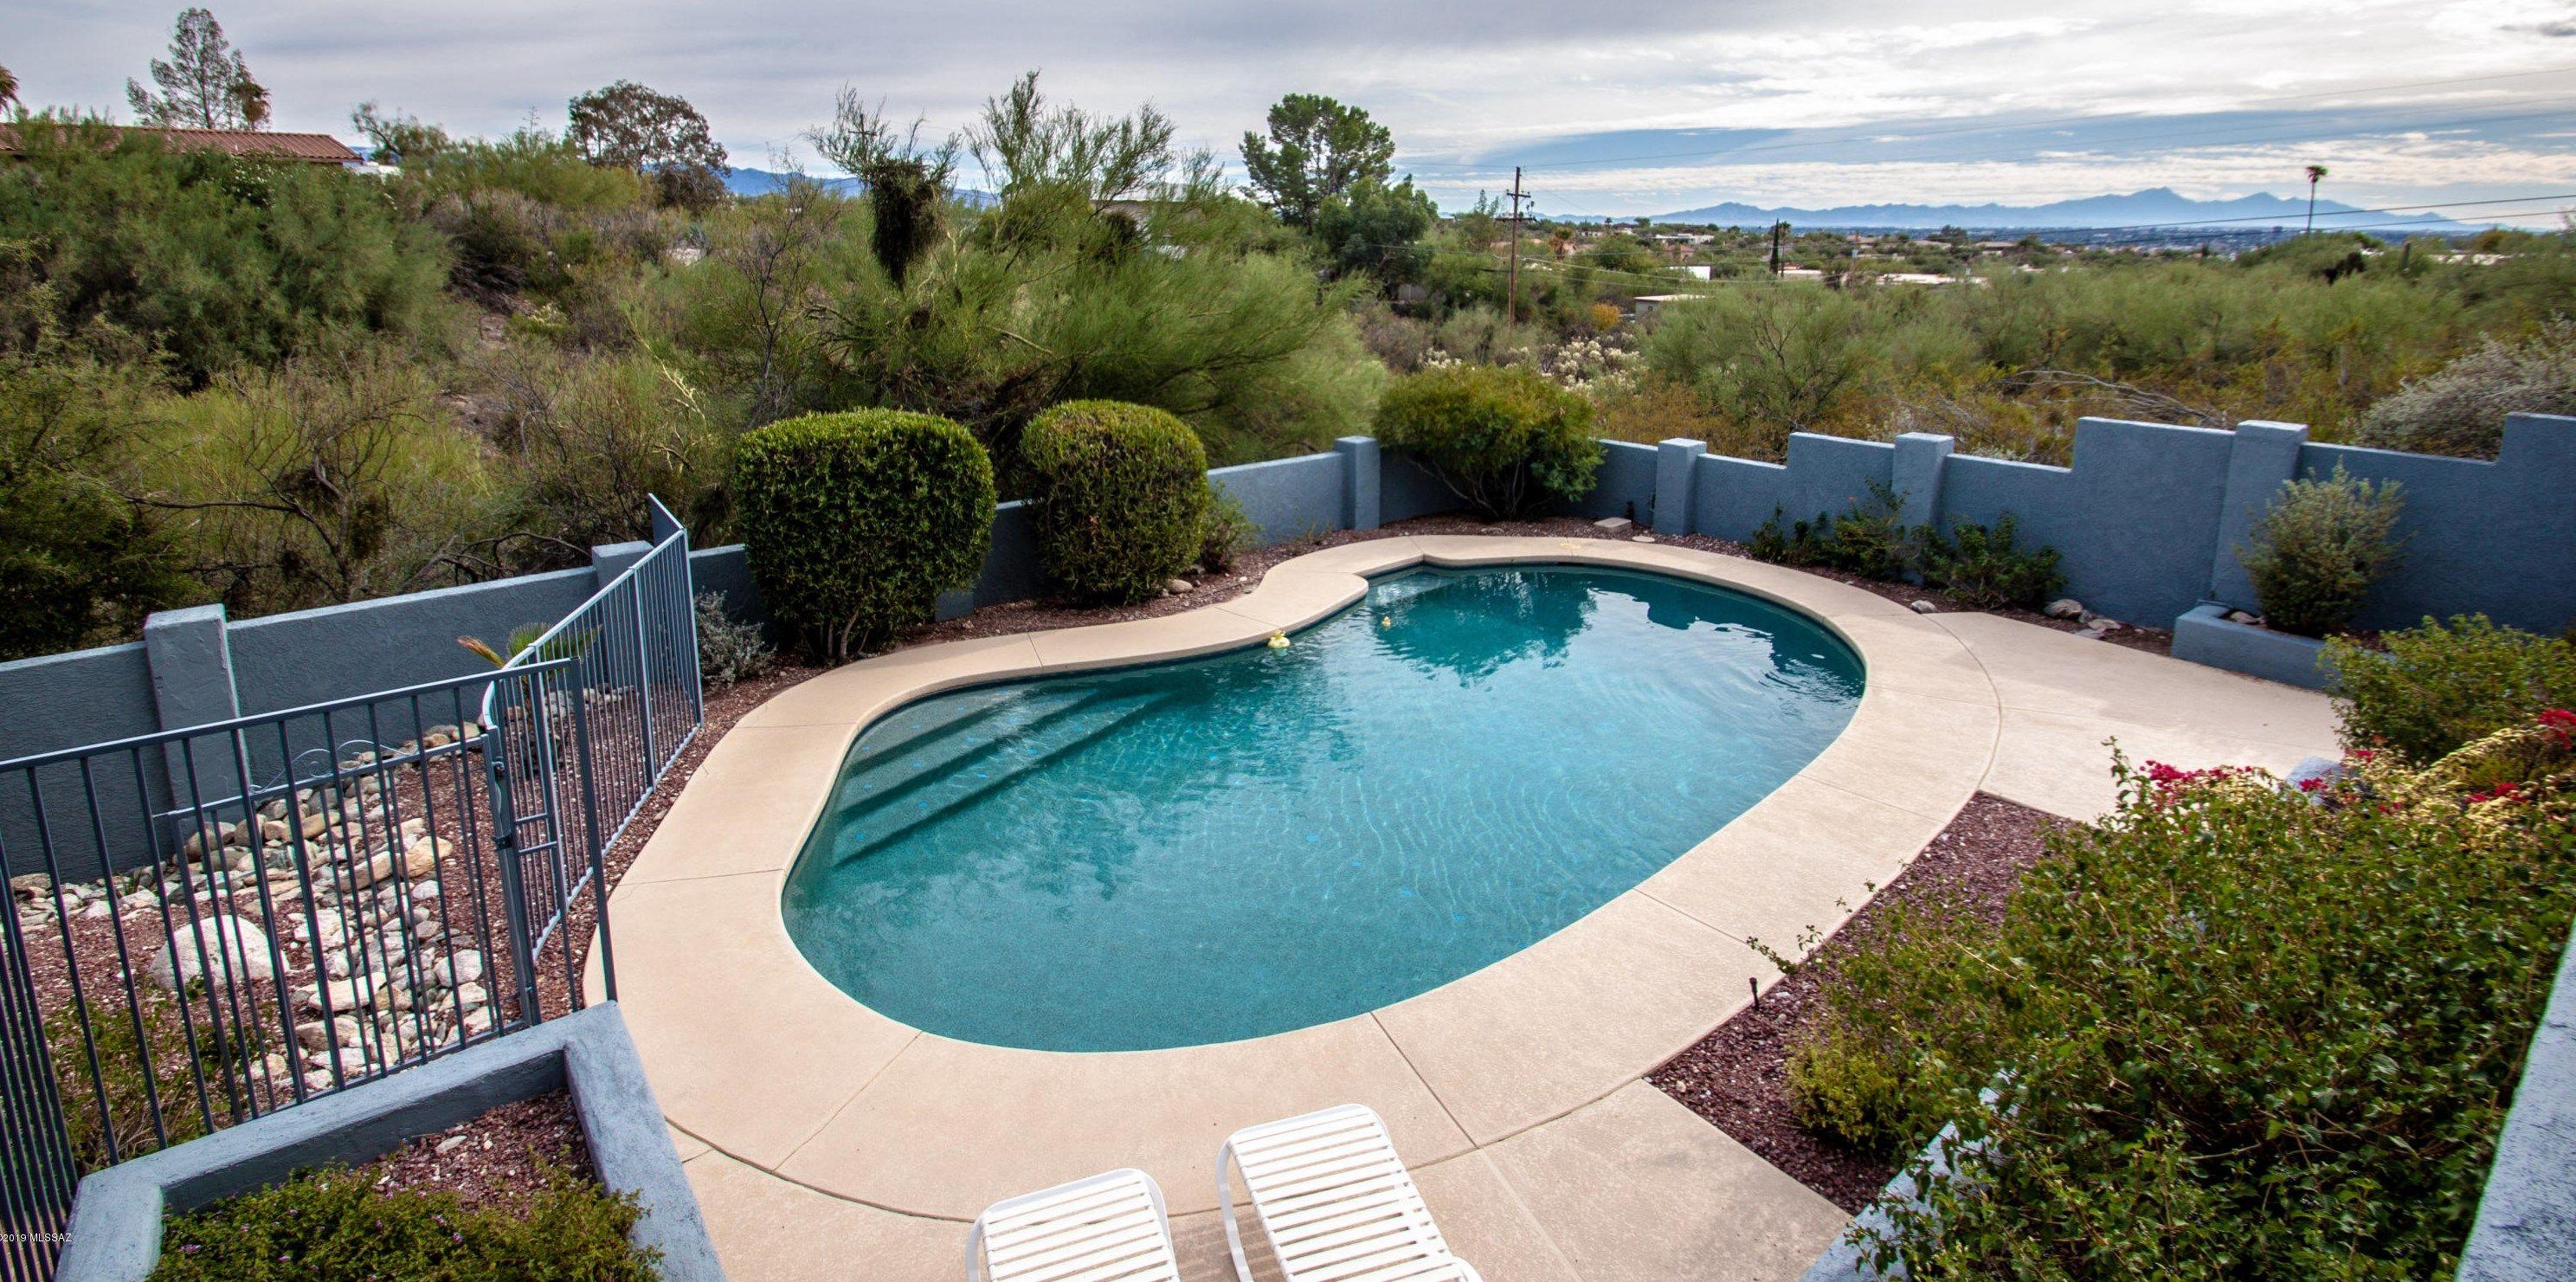 For Sale 5036 N Calle Bosque, Tucson, AZ 625,000